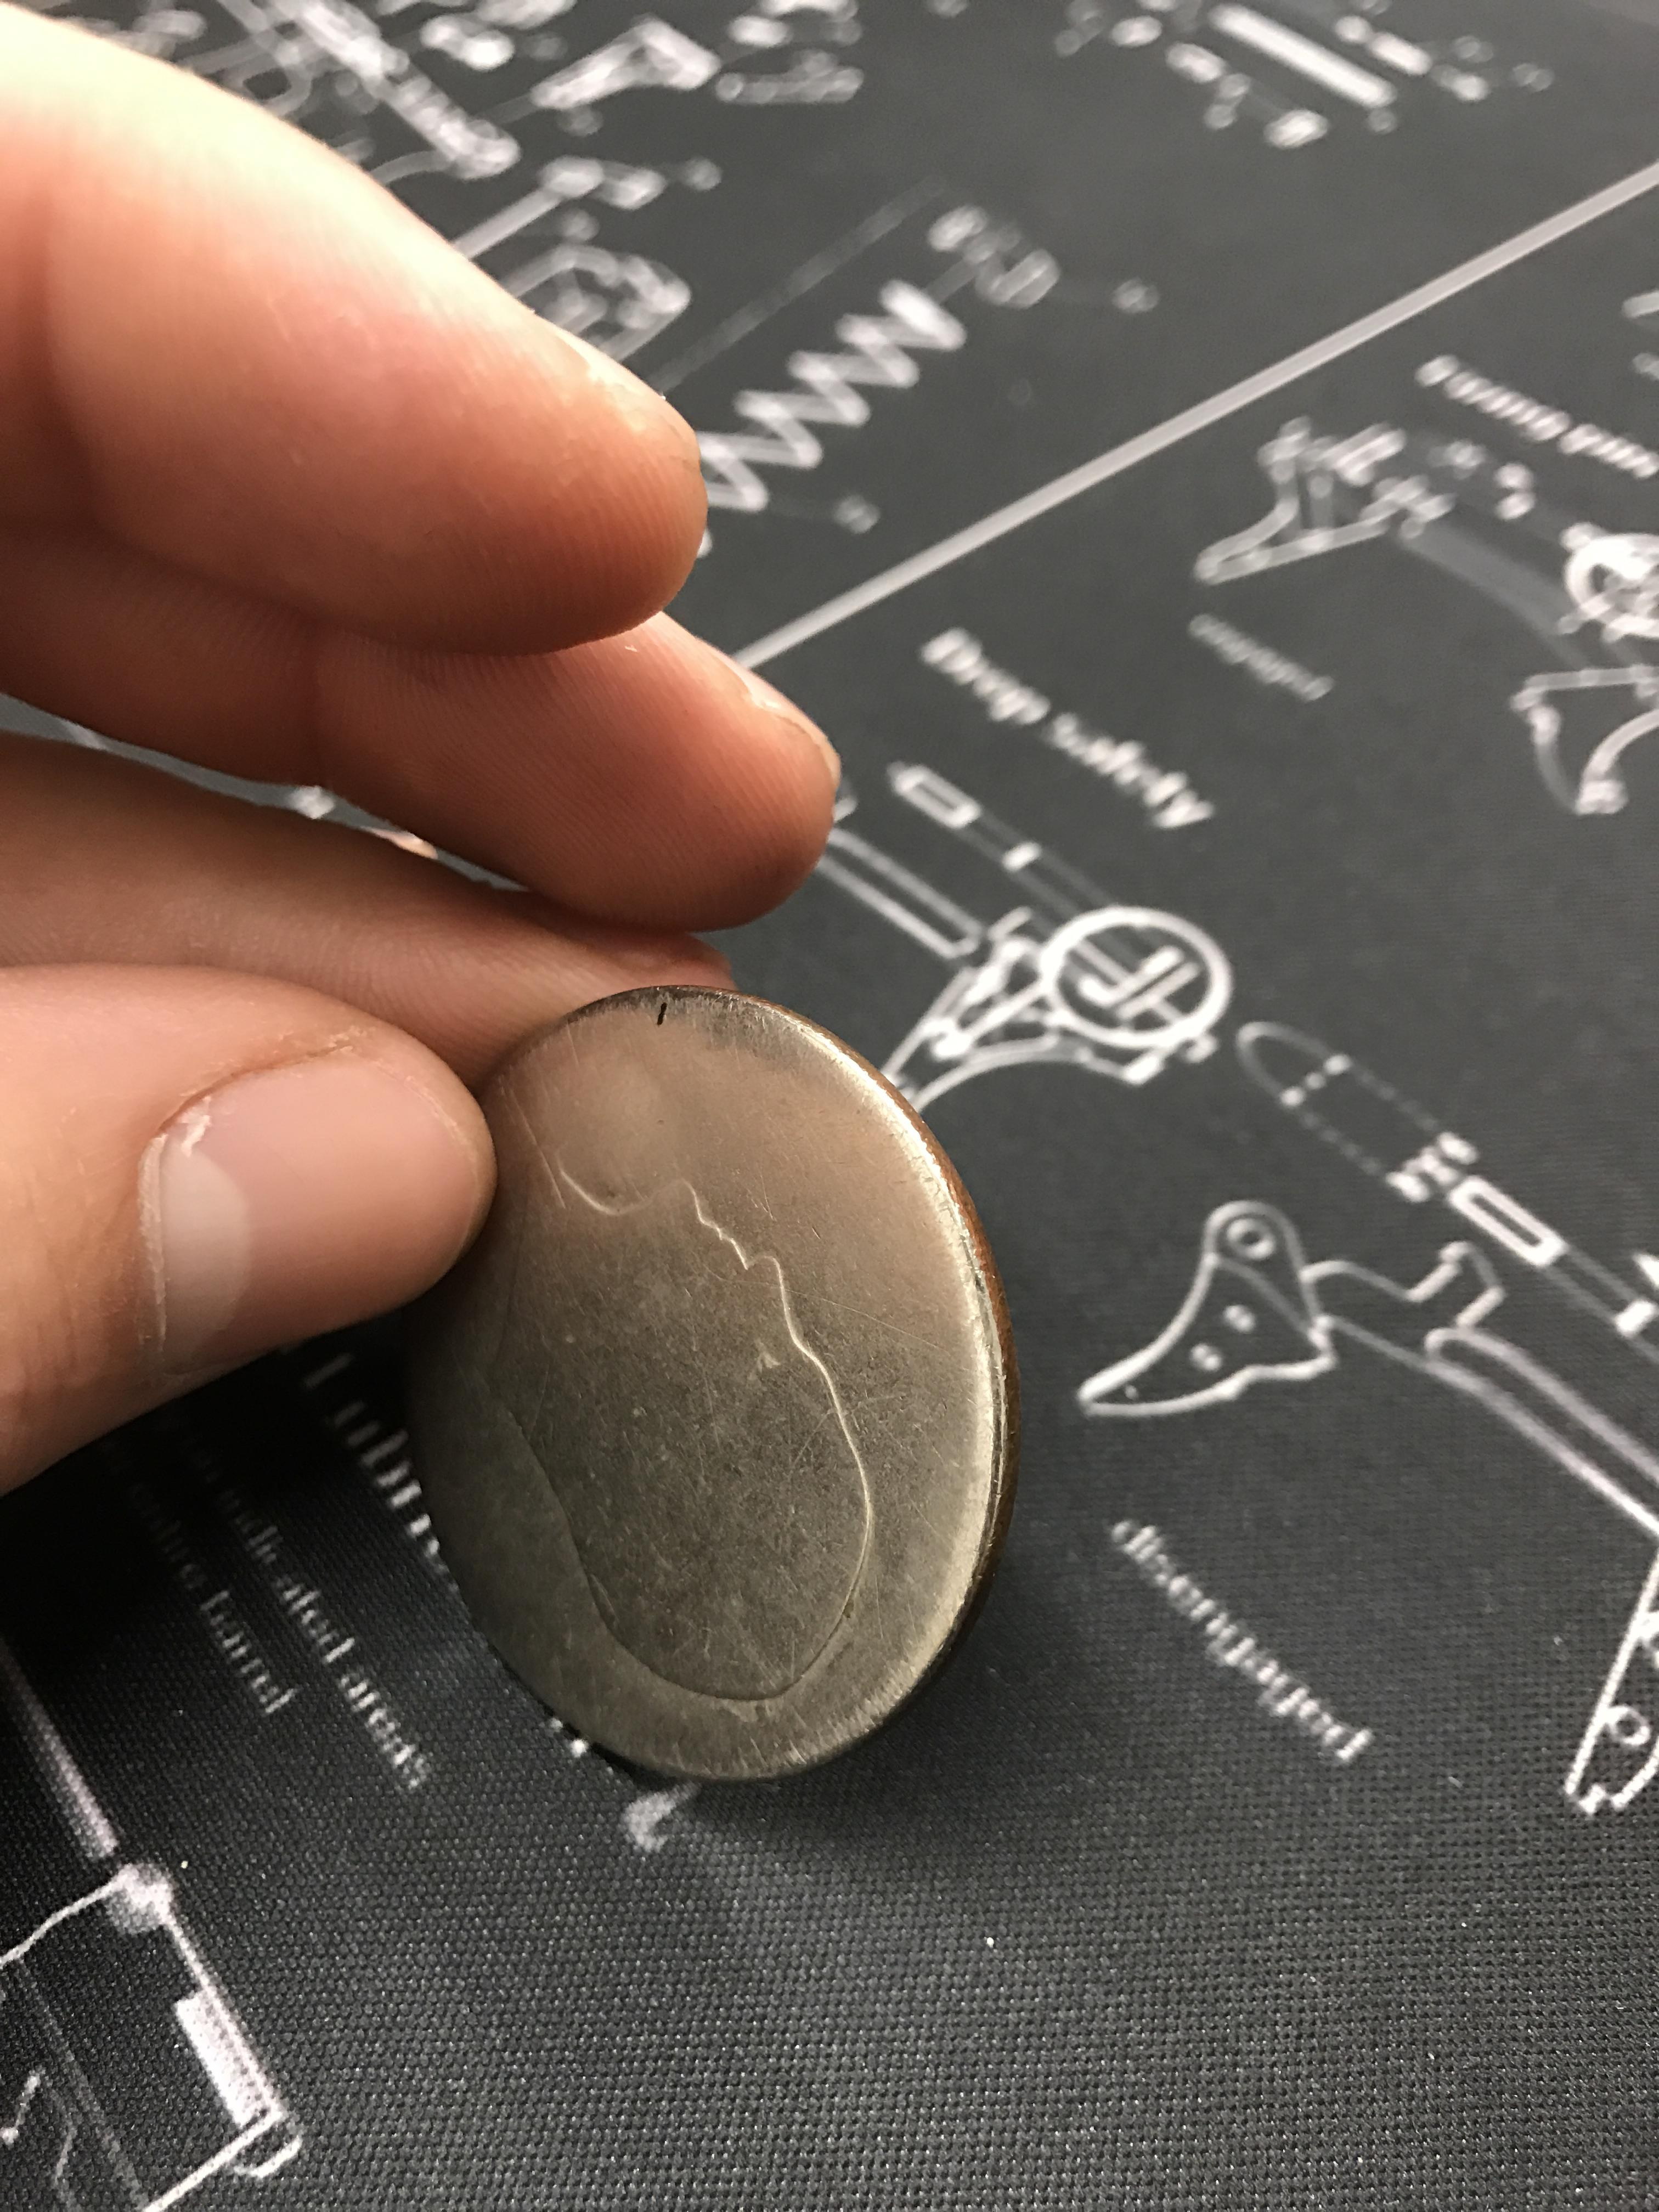 Un batran a purtat o moneda...